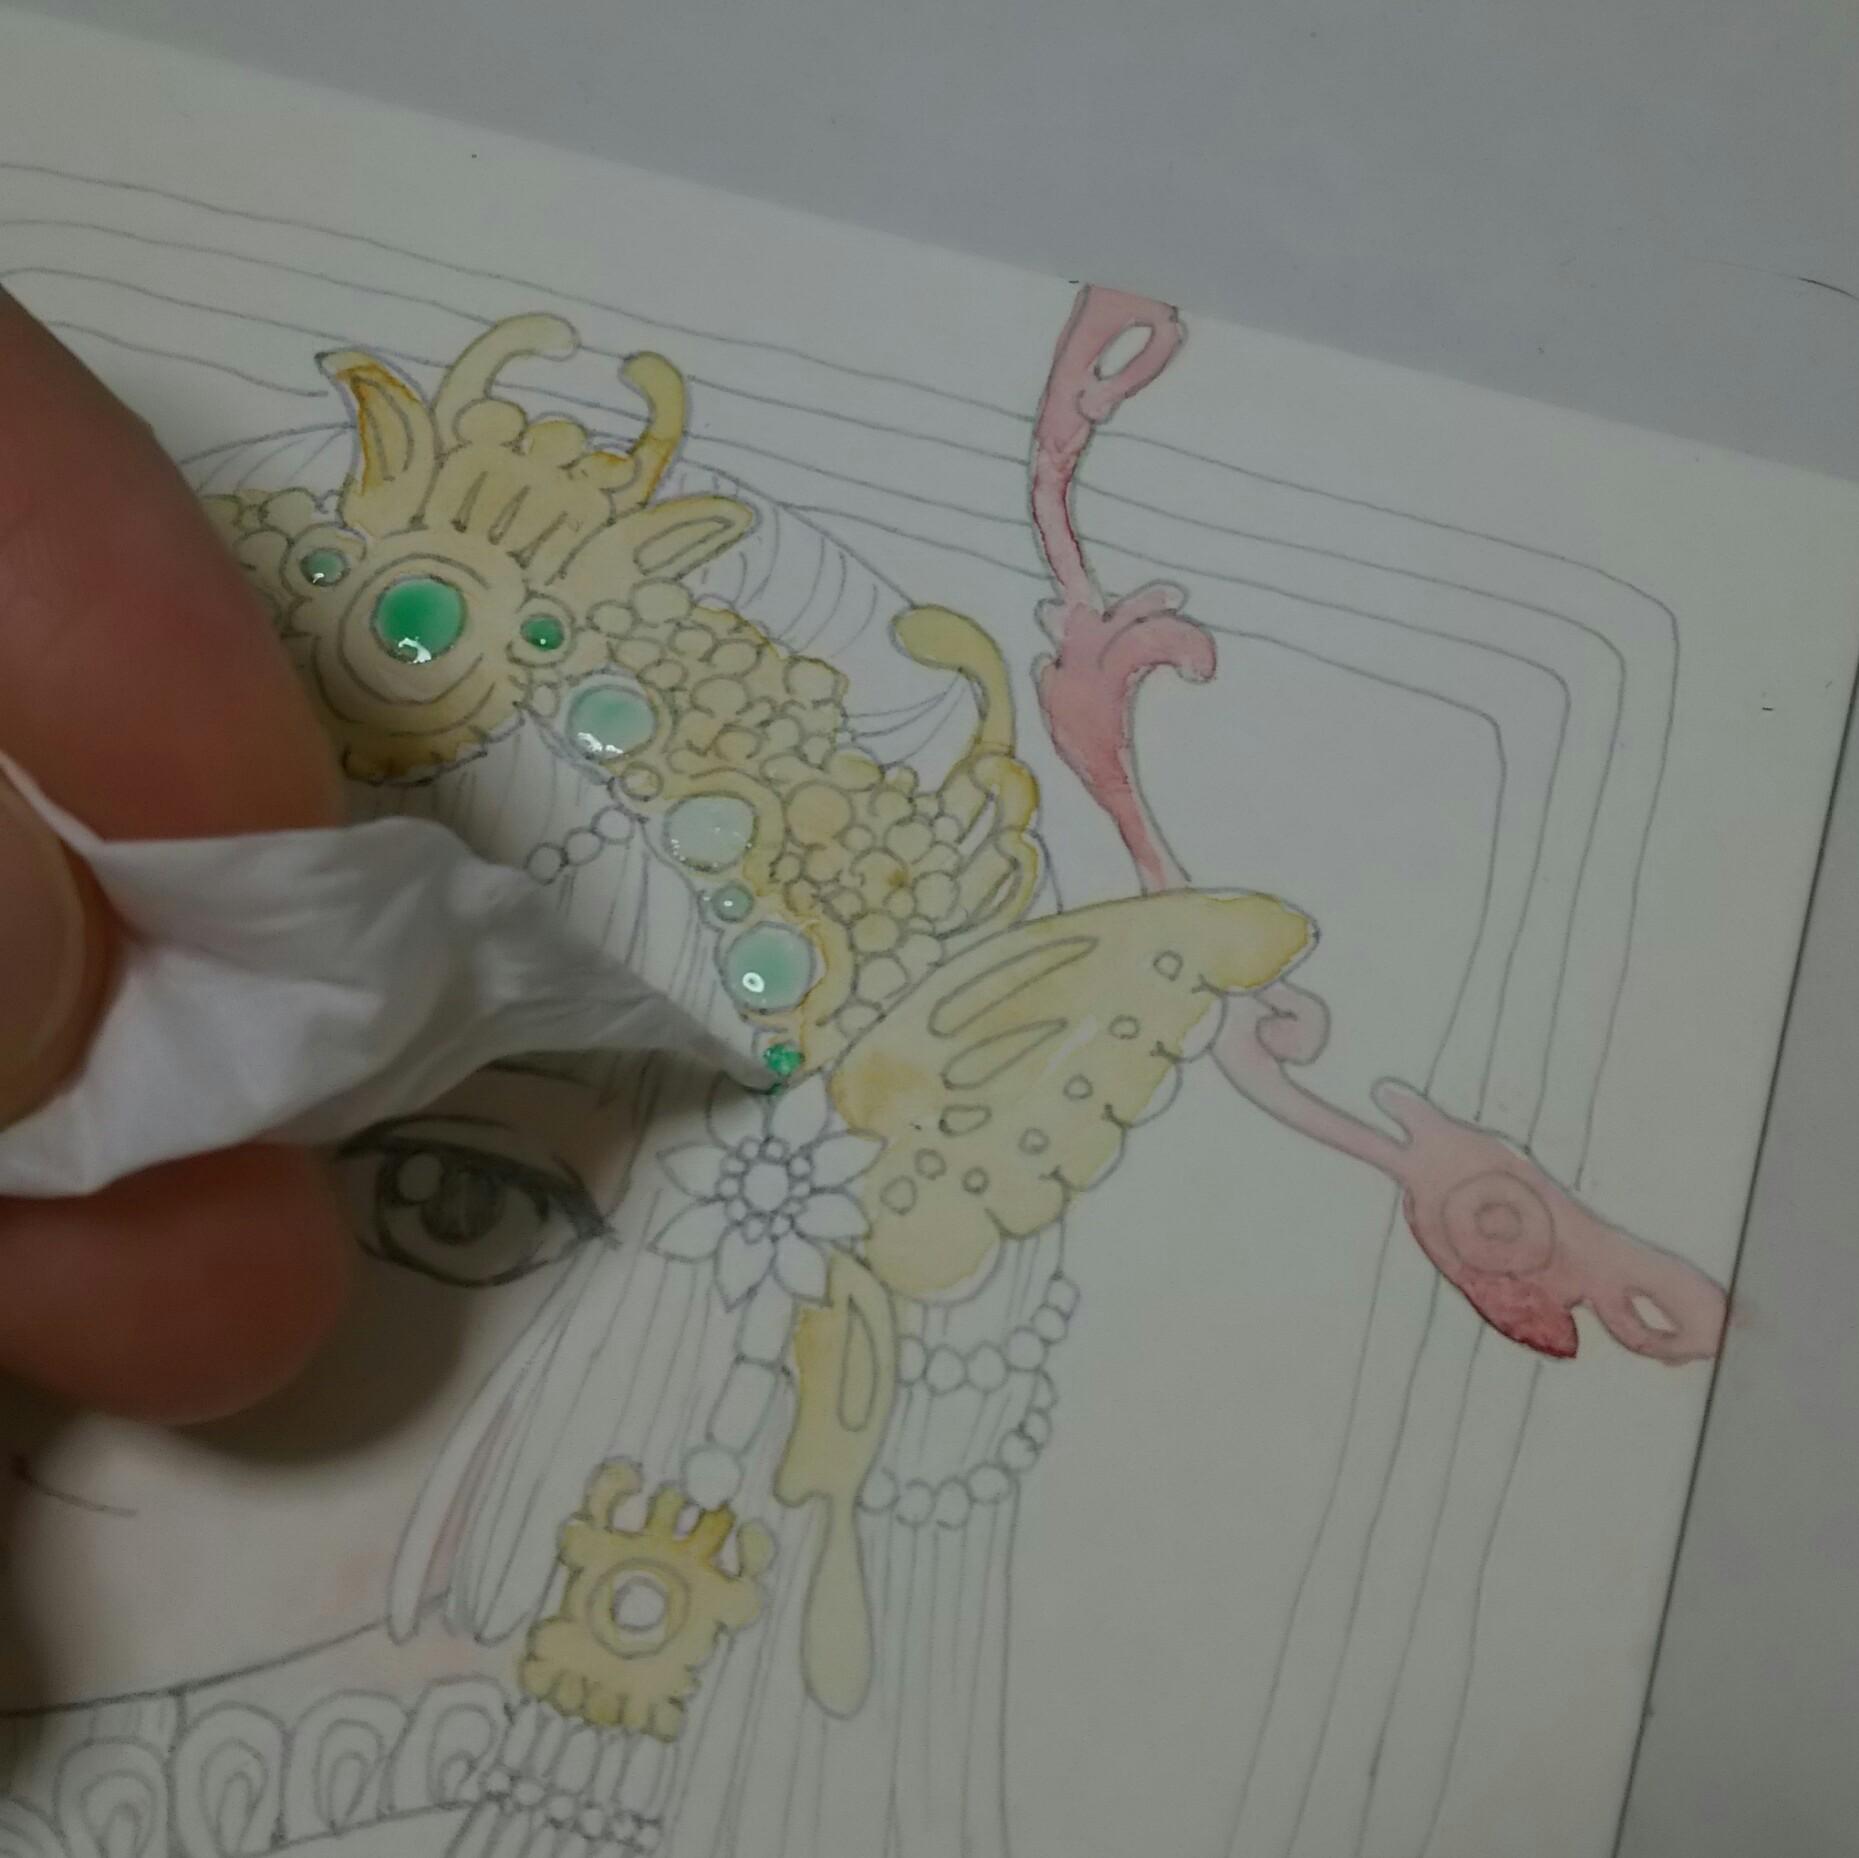 【翡翠金歩揺の娘】水彩色鉛筆イラストメイキング(2)*初めての水筆